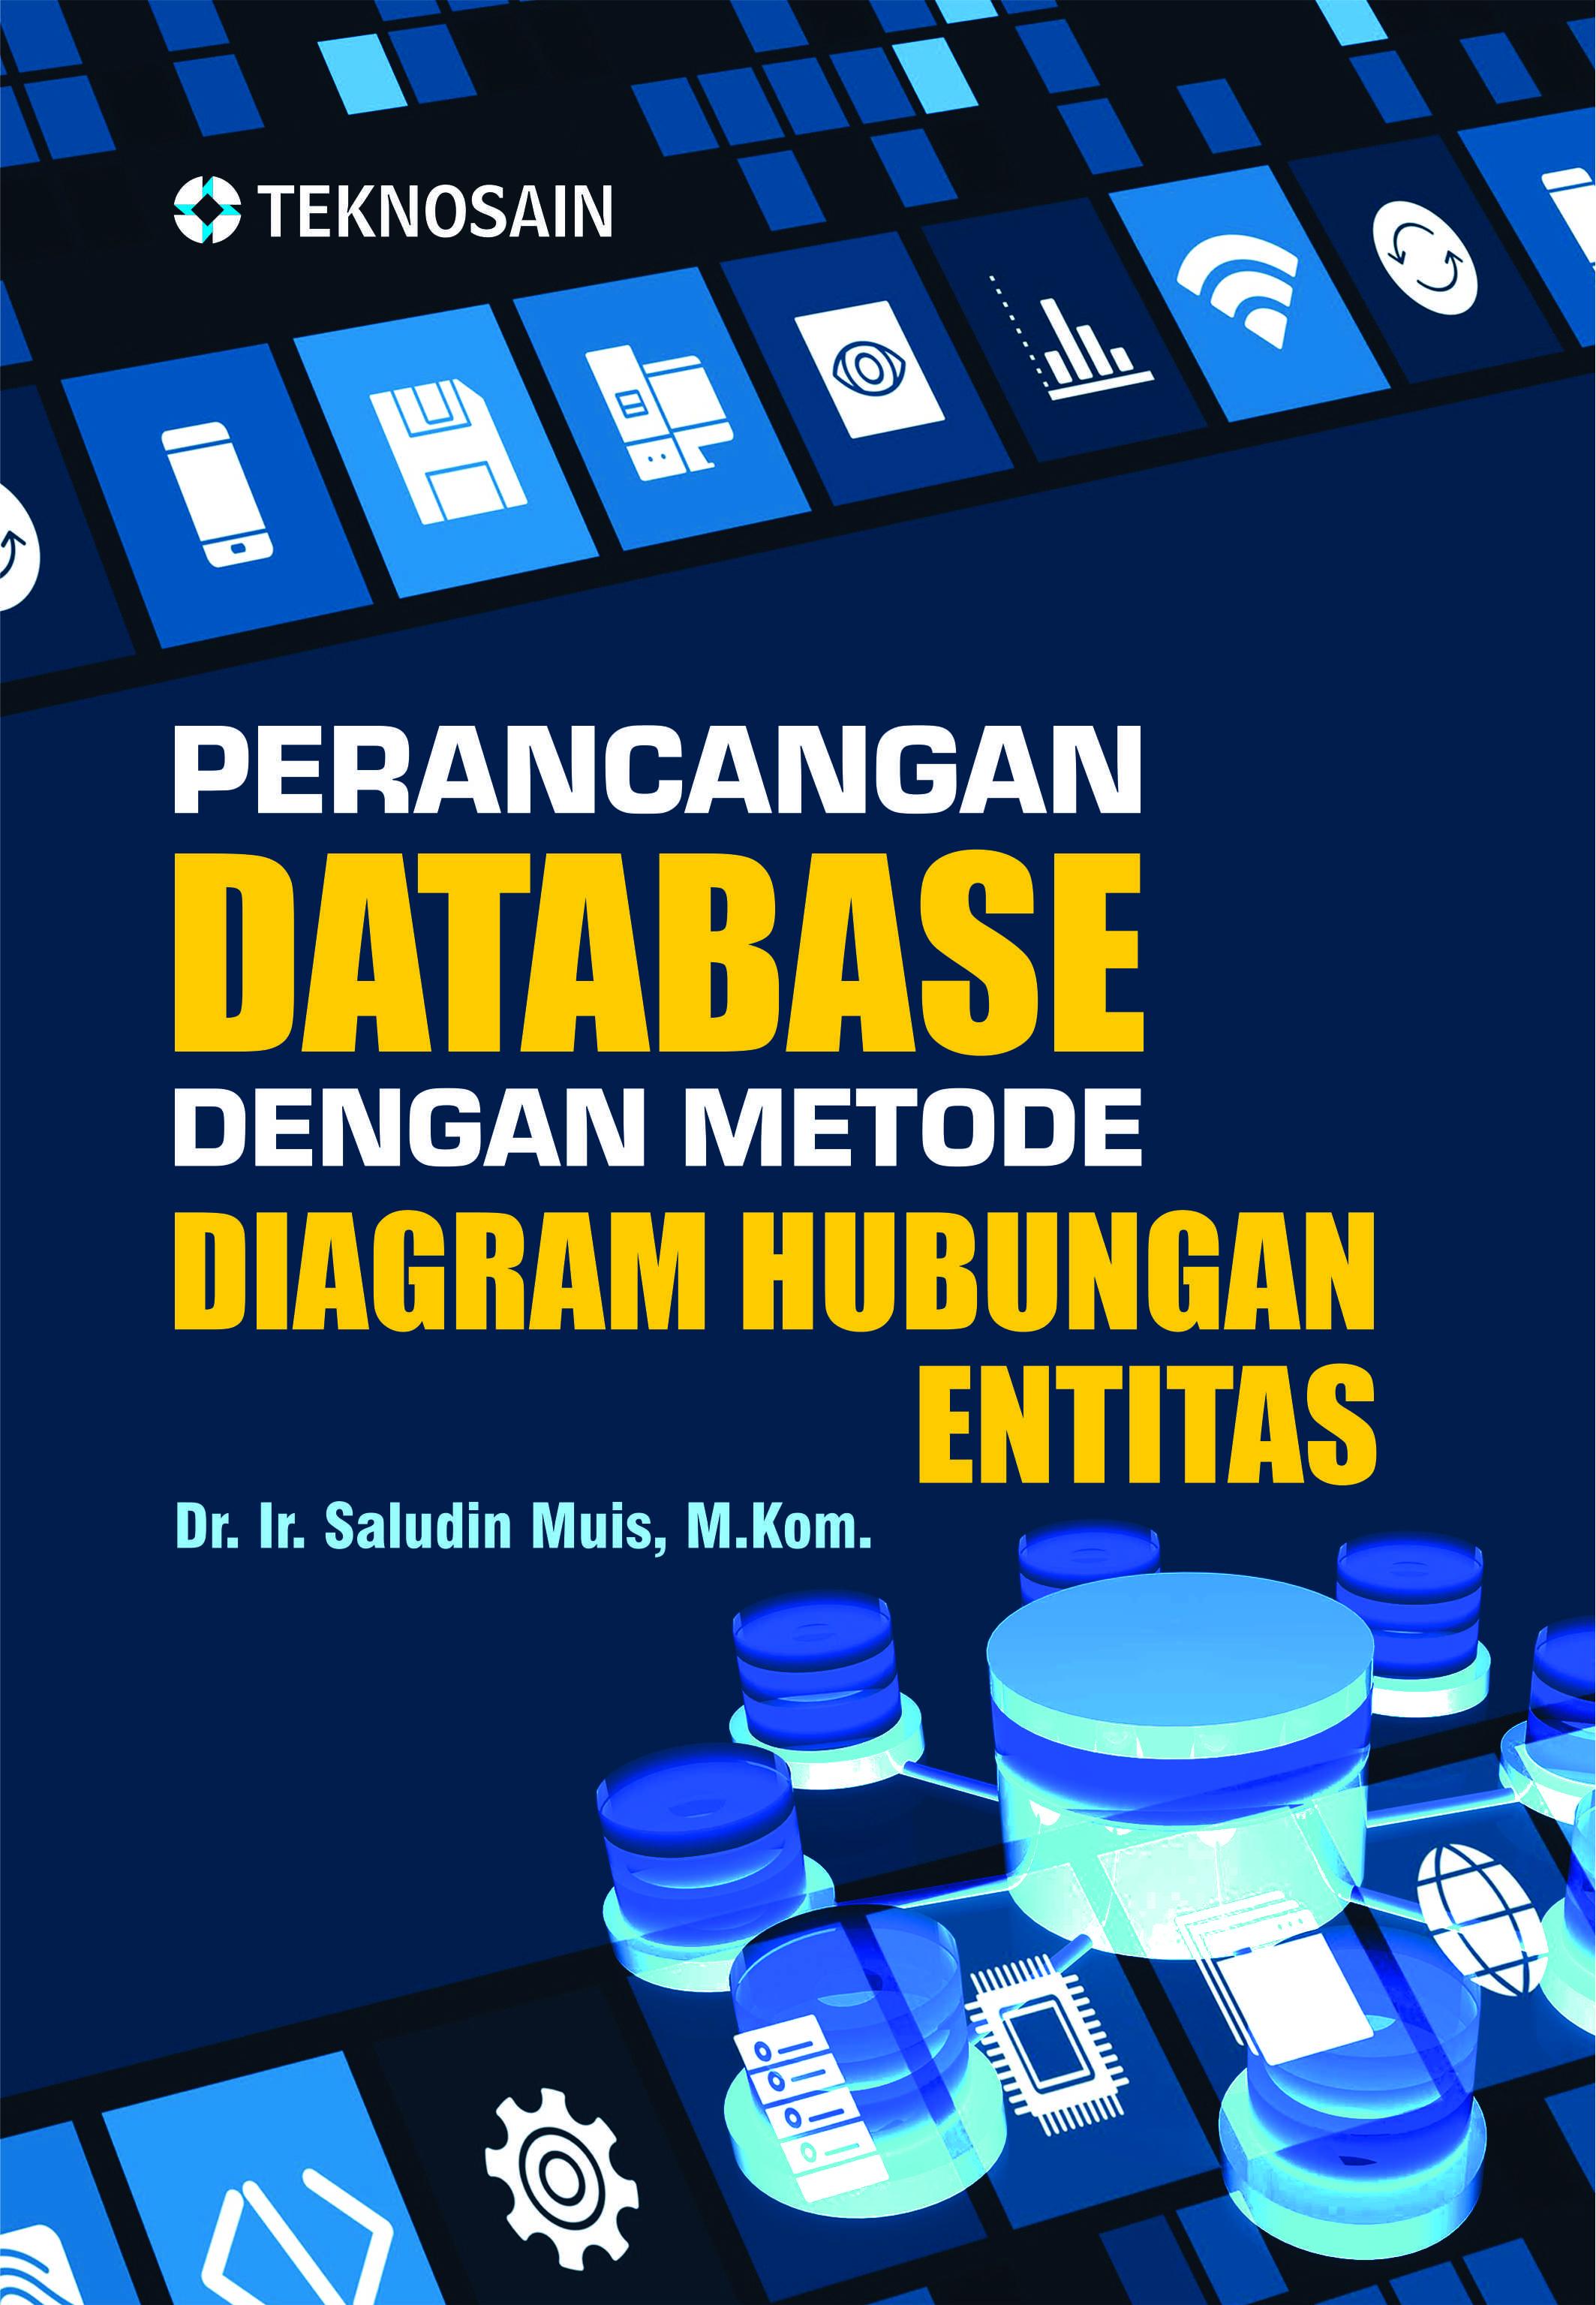 Perancangan database dengan metode diagram hubungan entitas